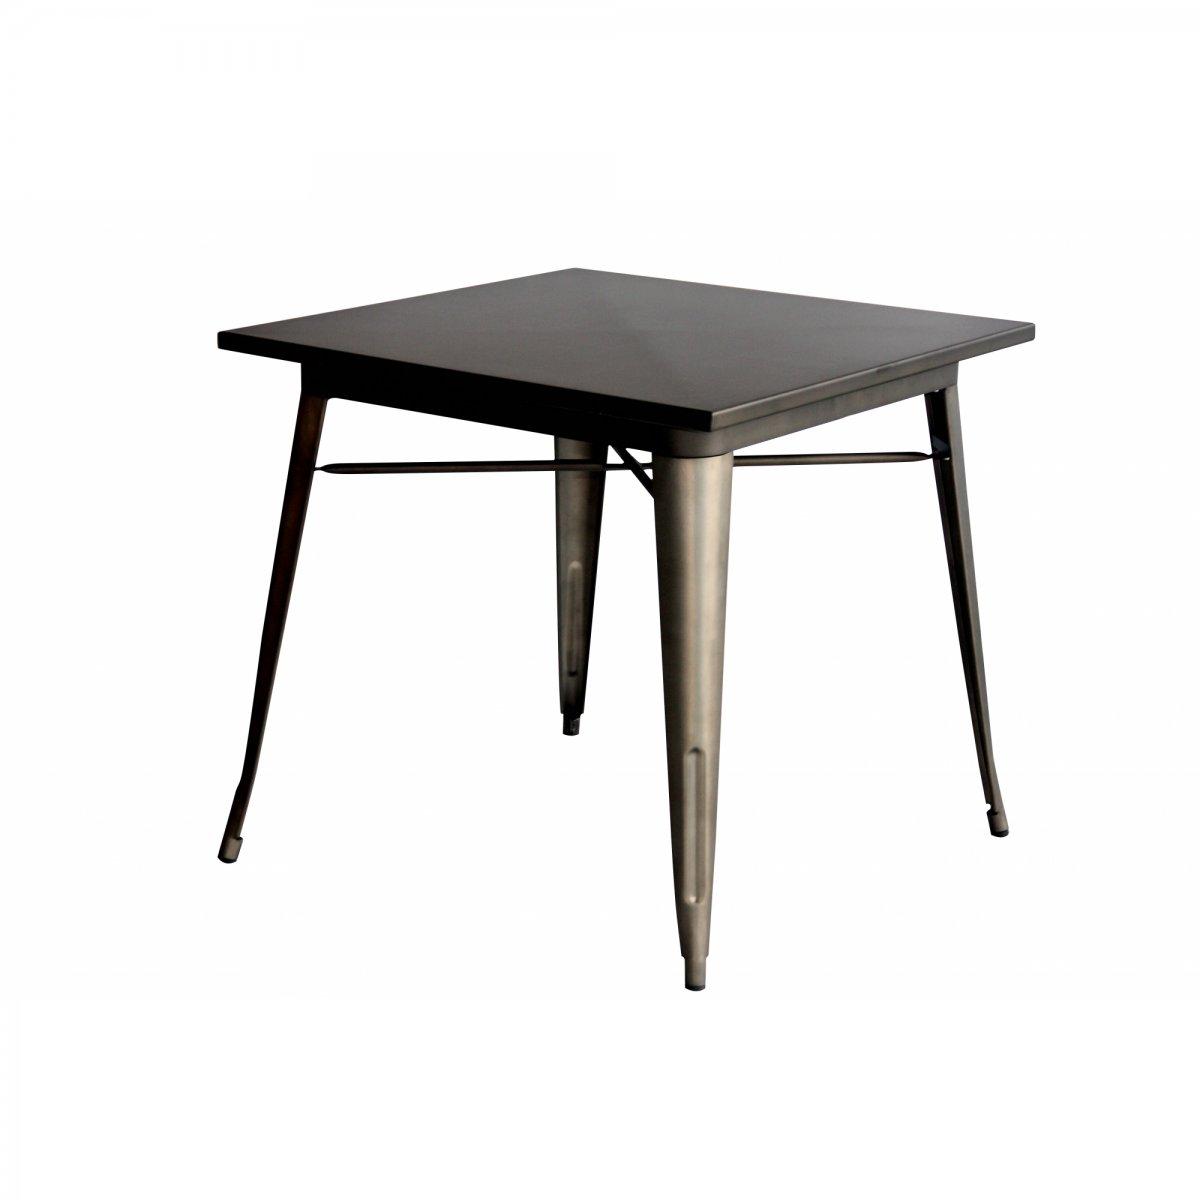 Loft Tavolo bistrot quadrato metallo 80 LF606